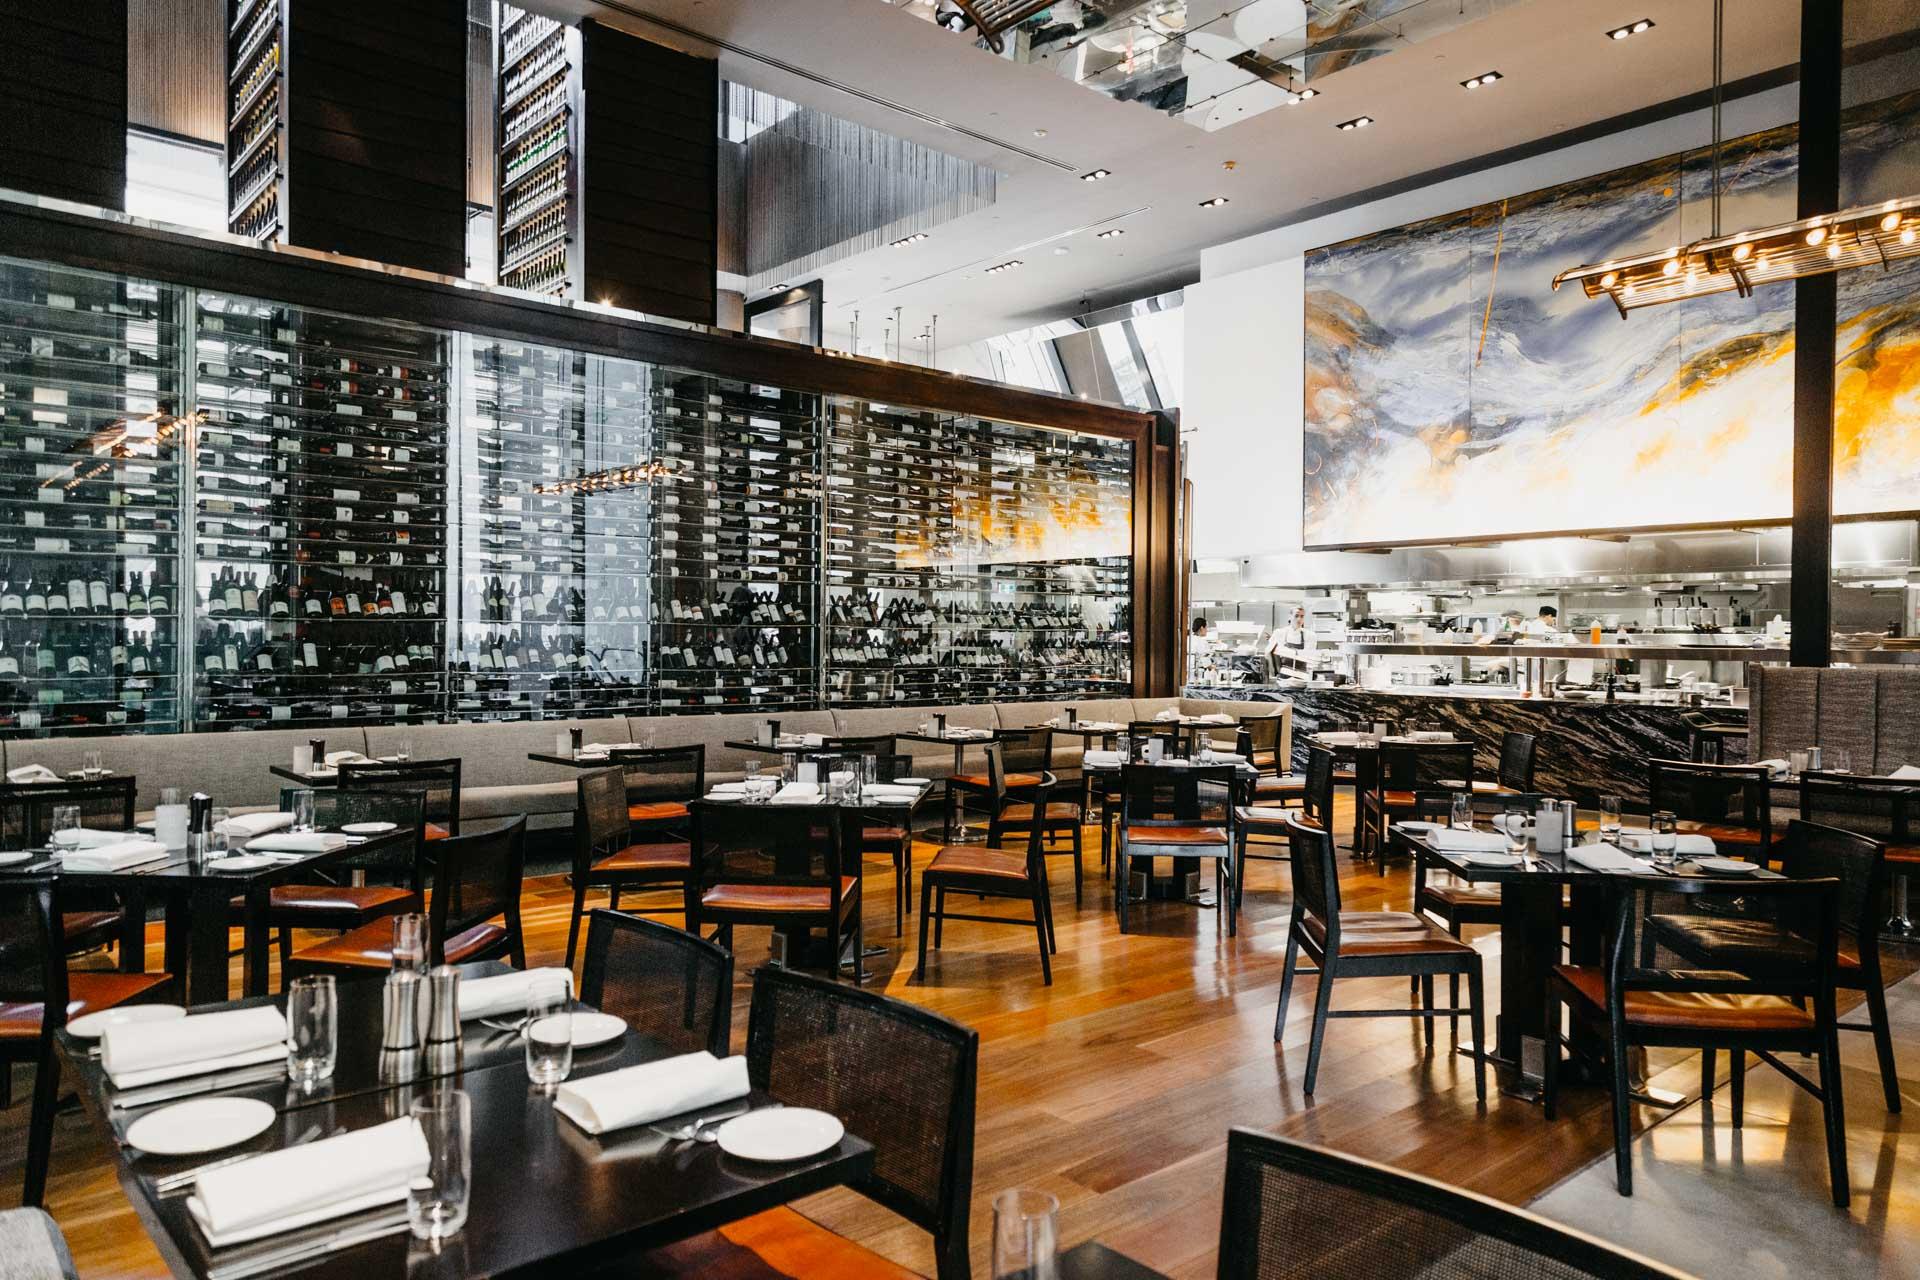 glass - restaurant interior - 2018 (lowres)-6.jpg